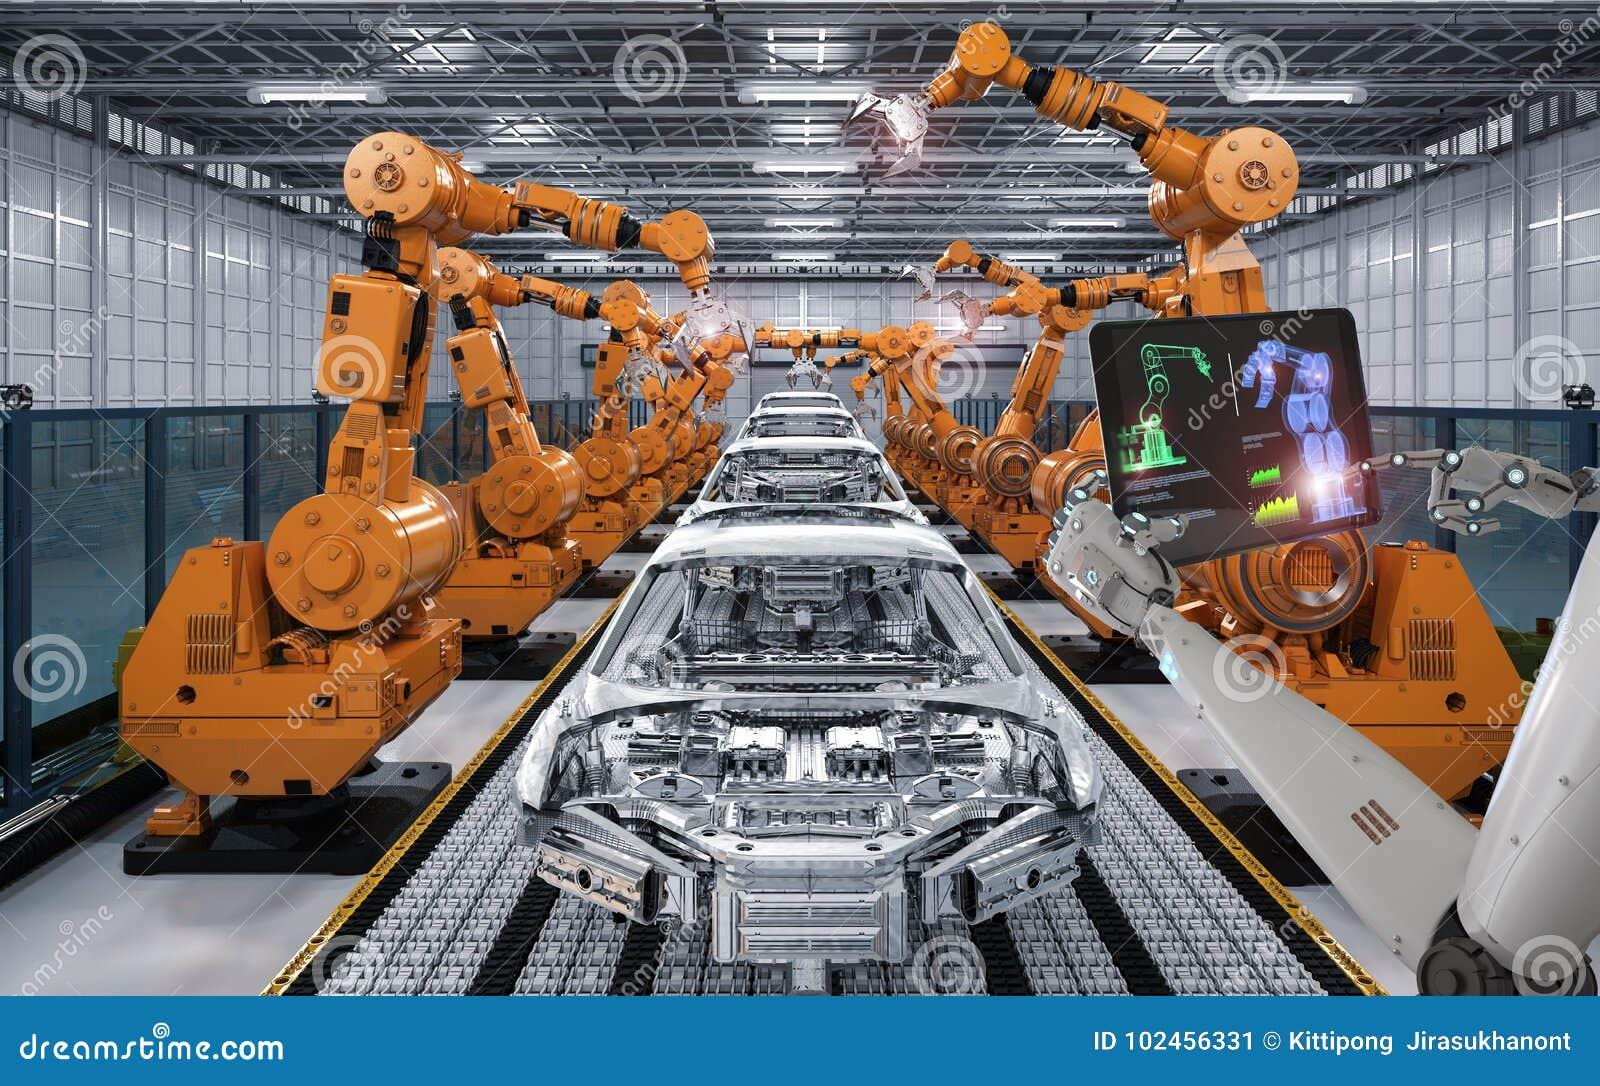 靠机械装置维持生命的人控制机器人装配线